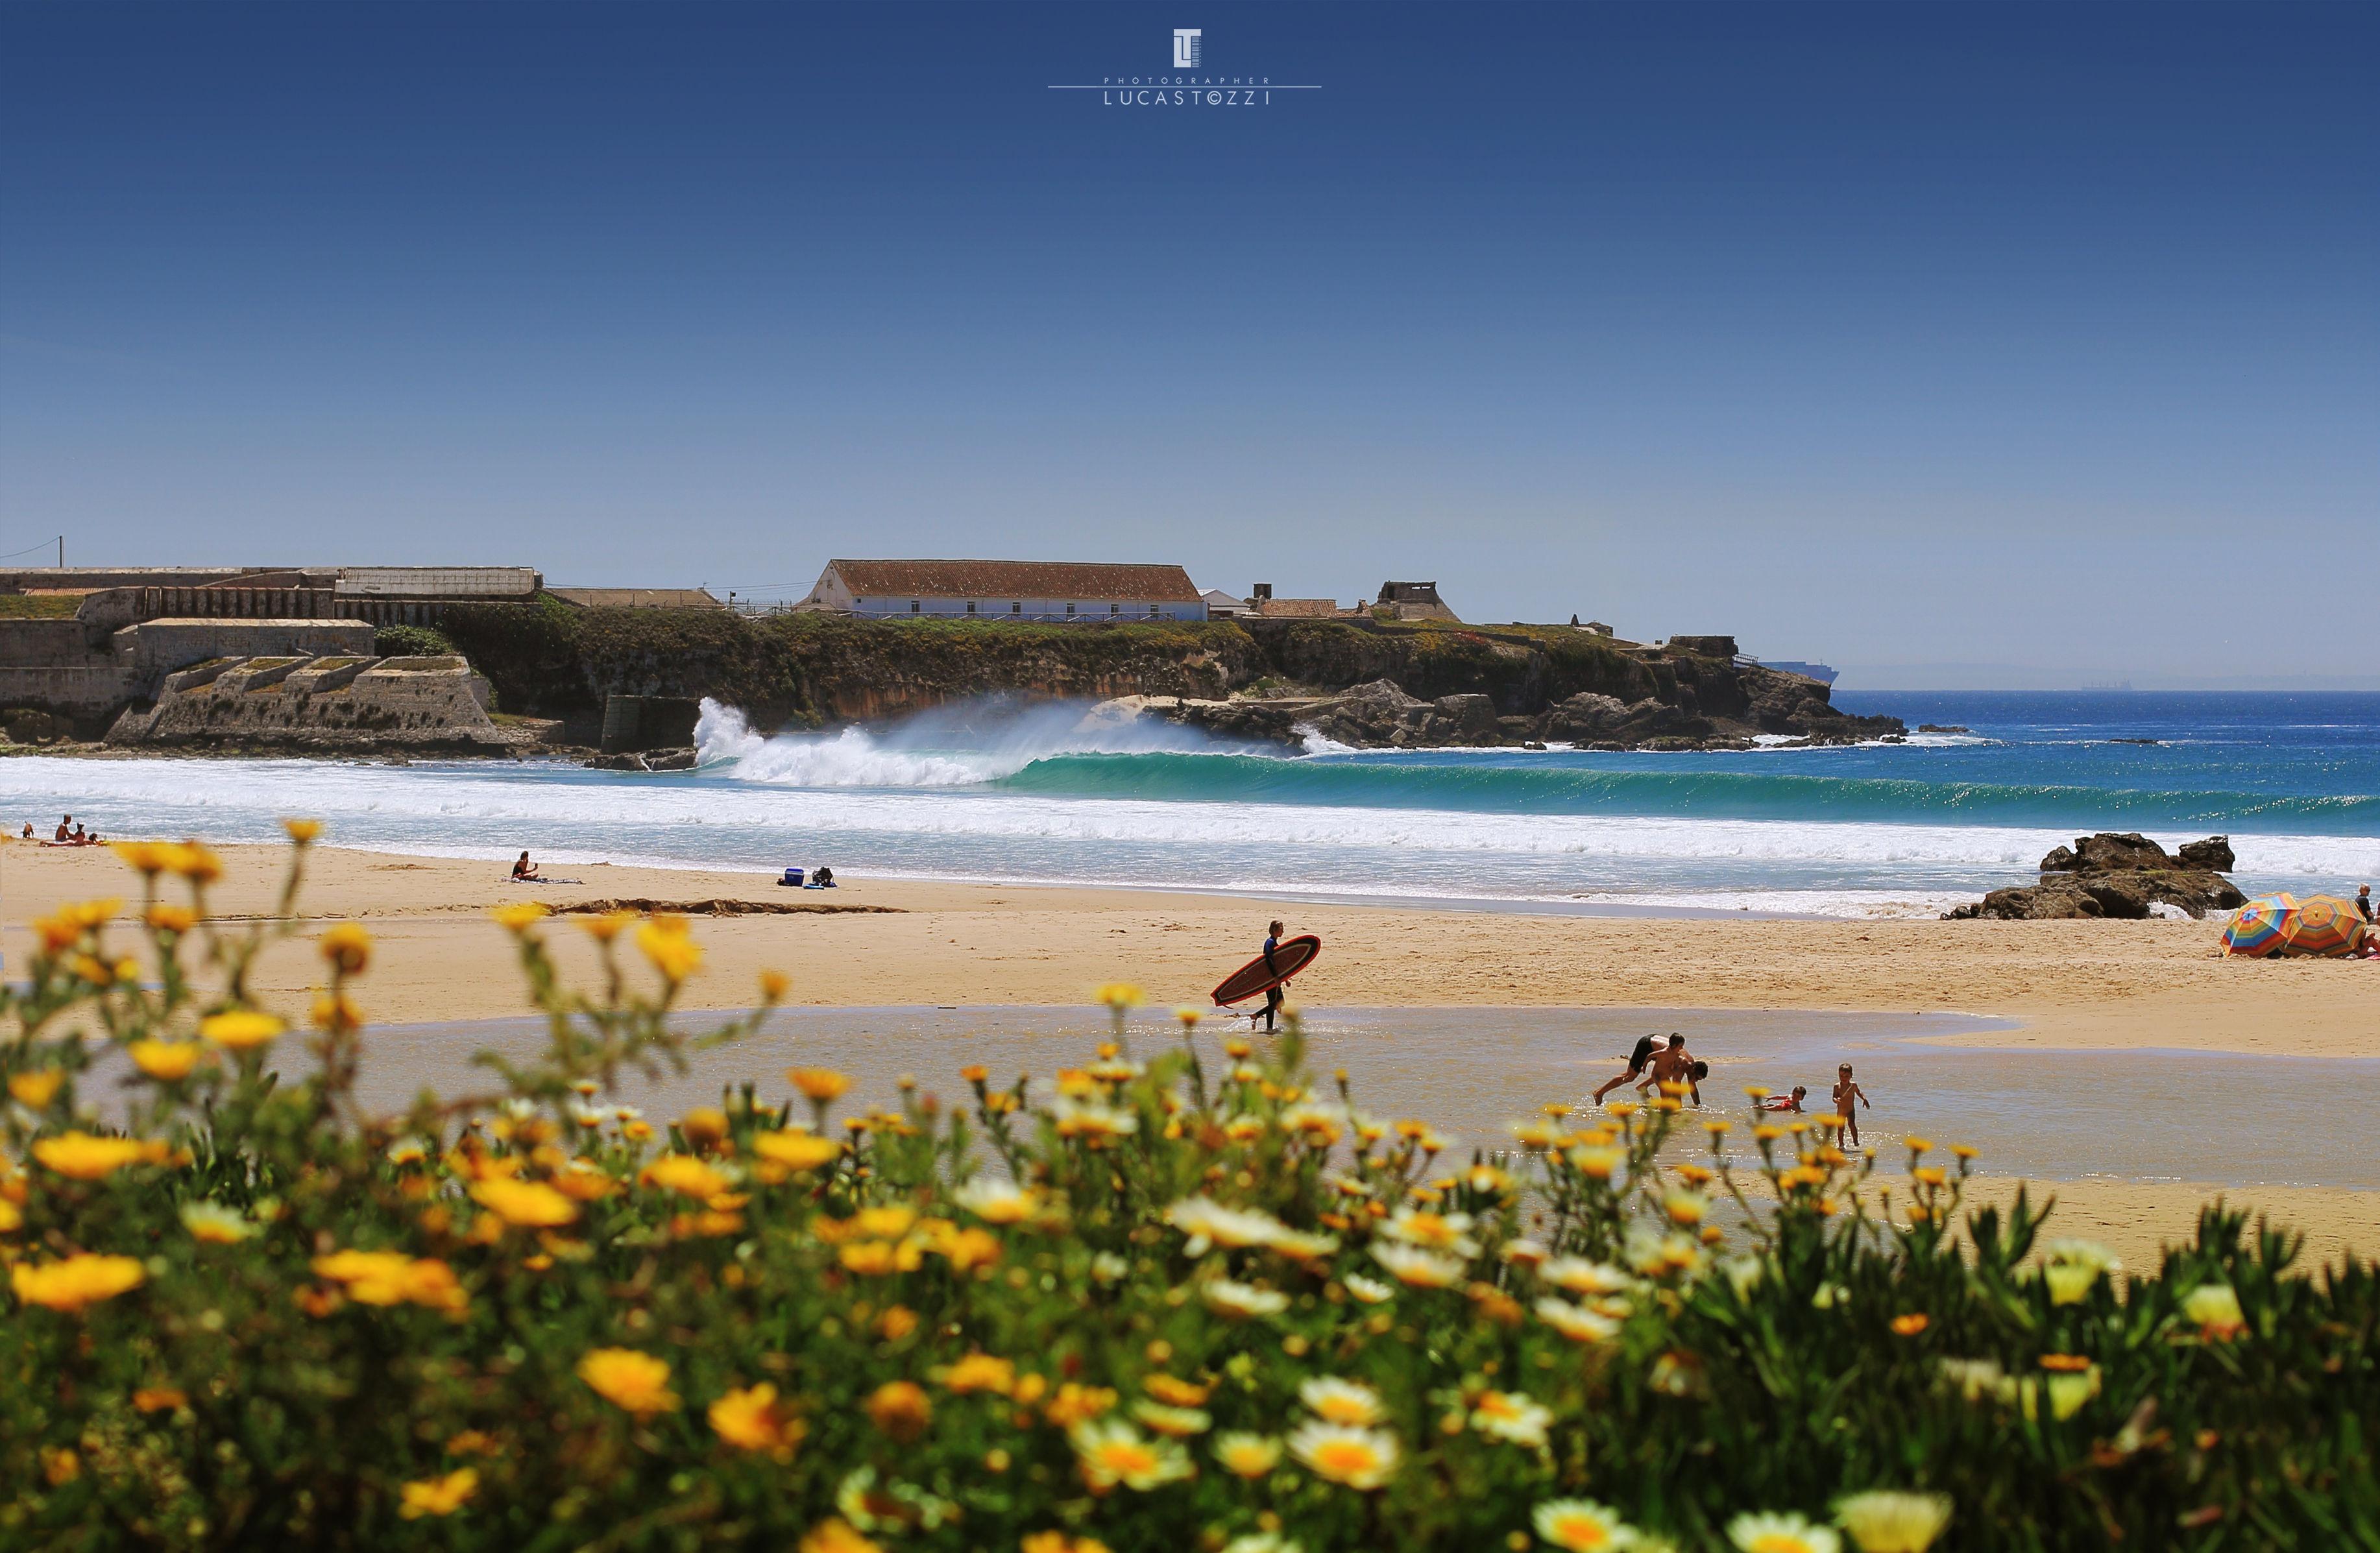 Learn surfski the easy way | Tarifa | Surfski courses